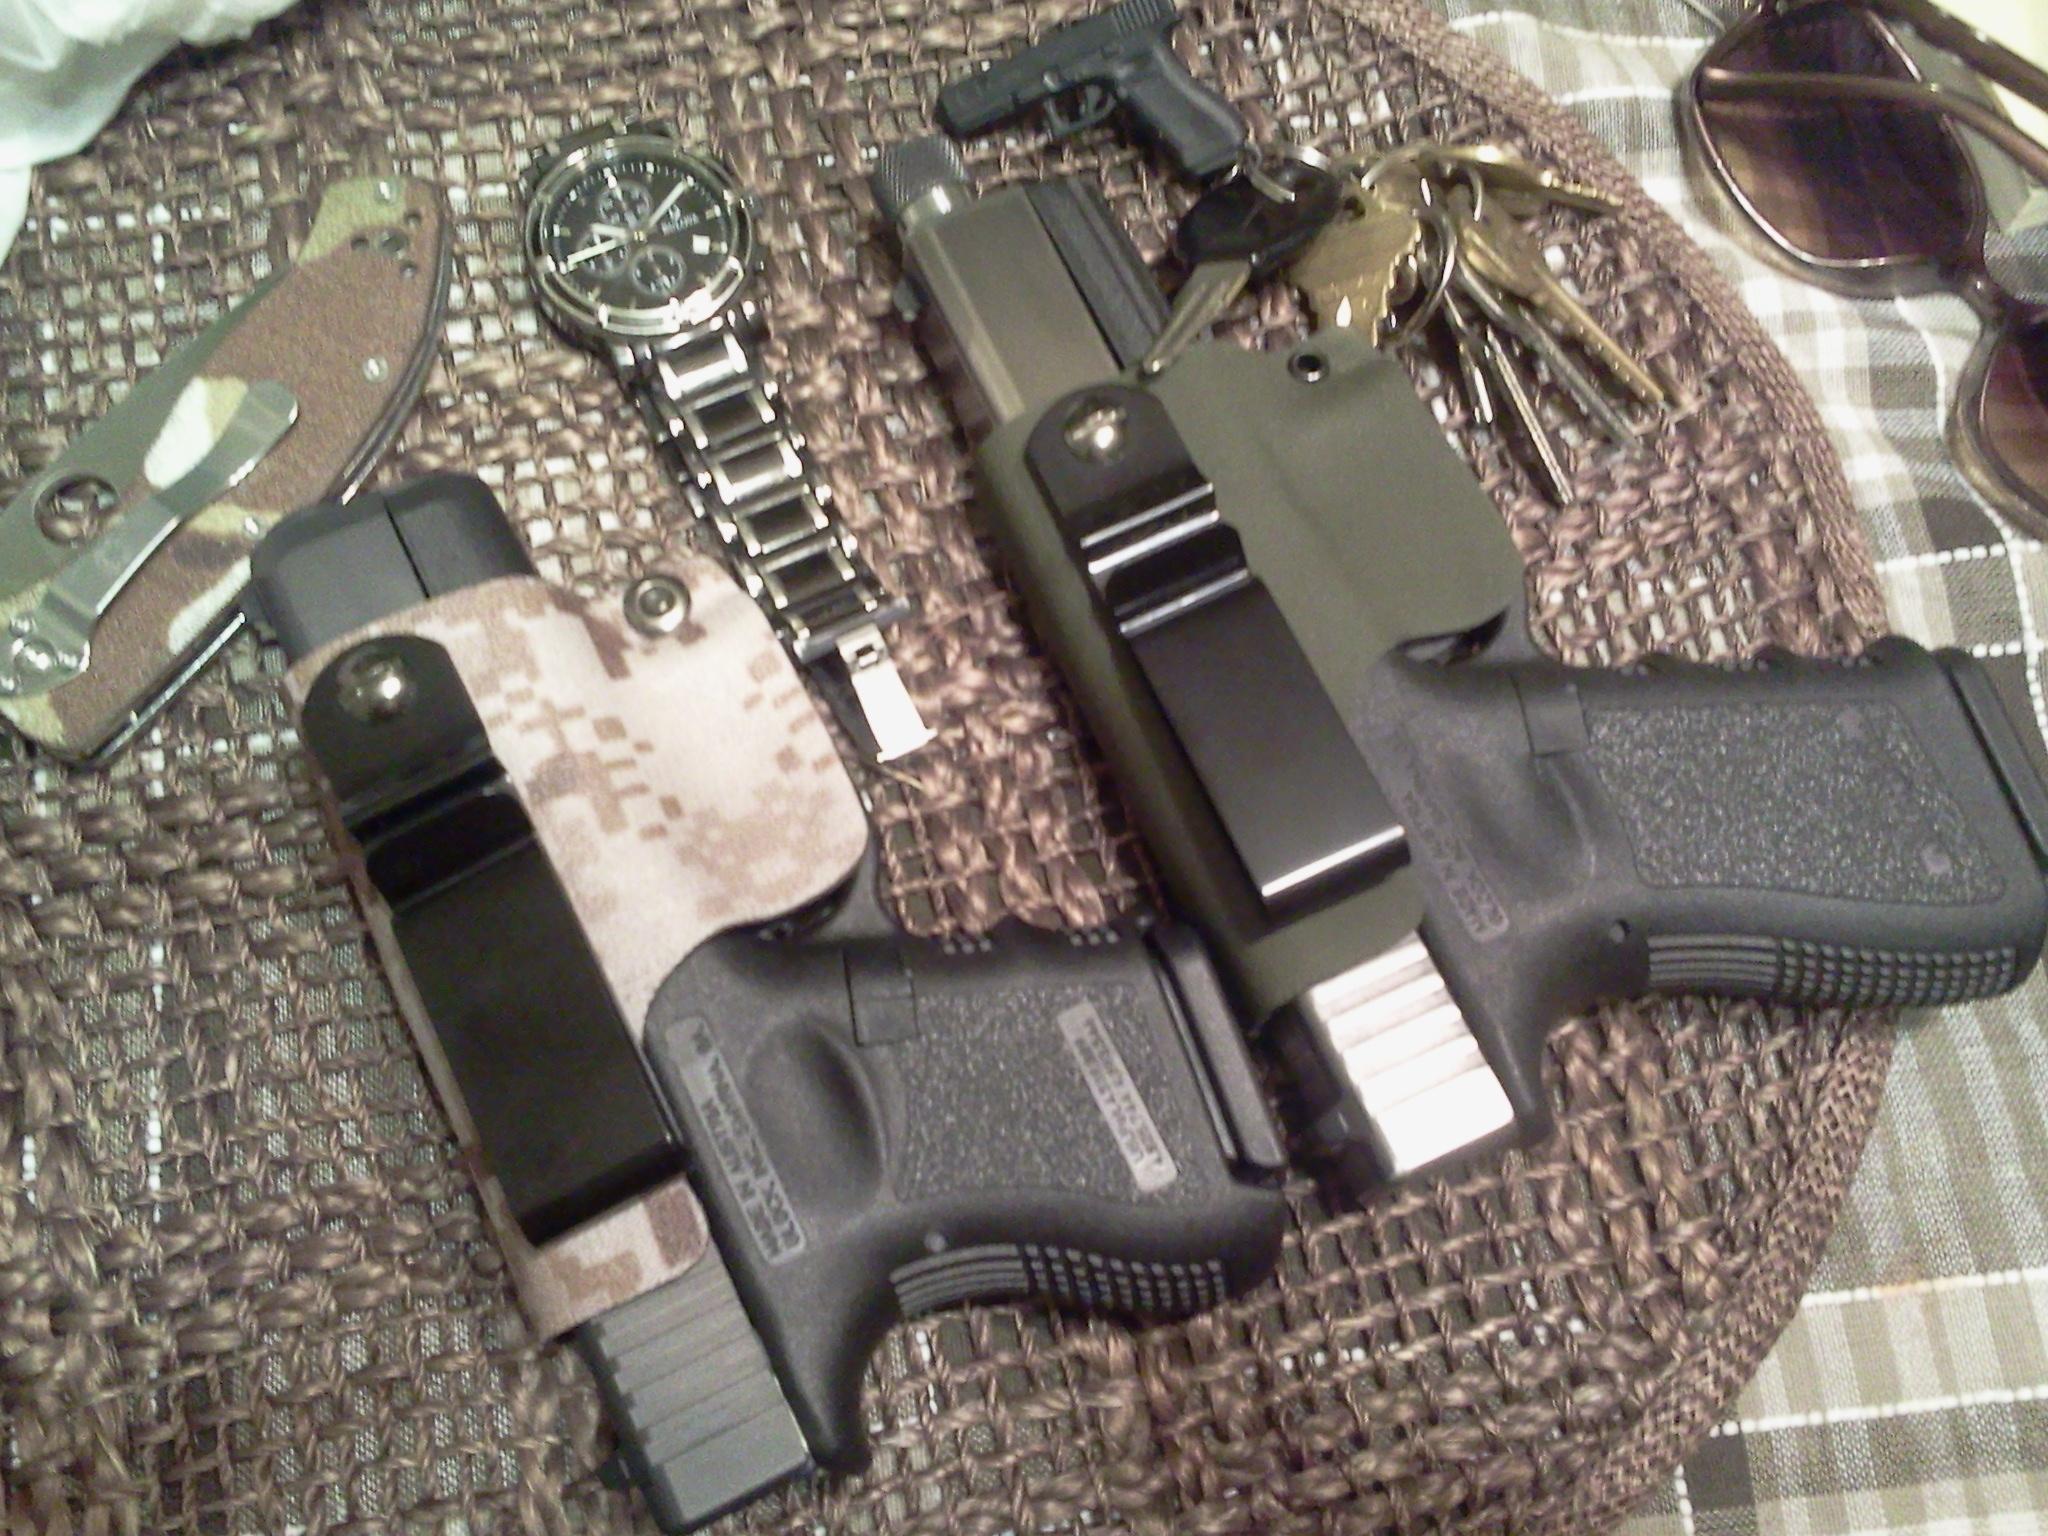 Kydex Holsters For sale Glock 17,18, 19, 22, 23, 26, 27      (20$)-2013-06-04-22.11.04.jpg